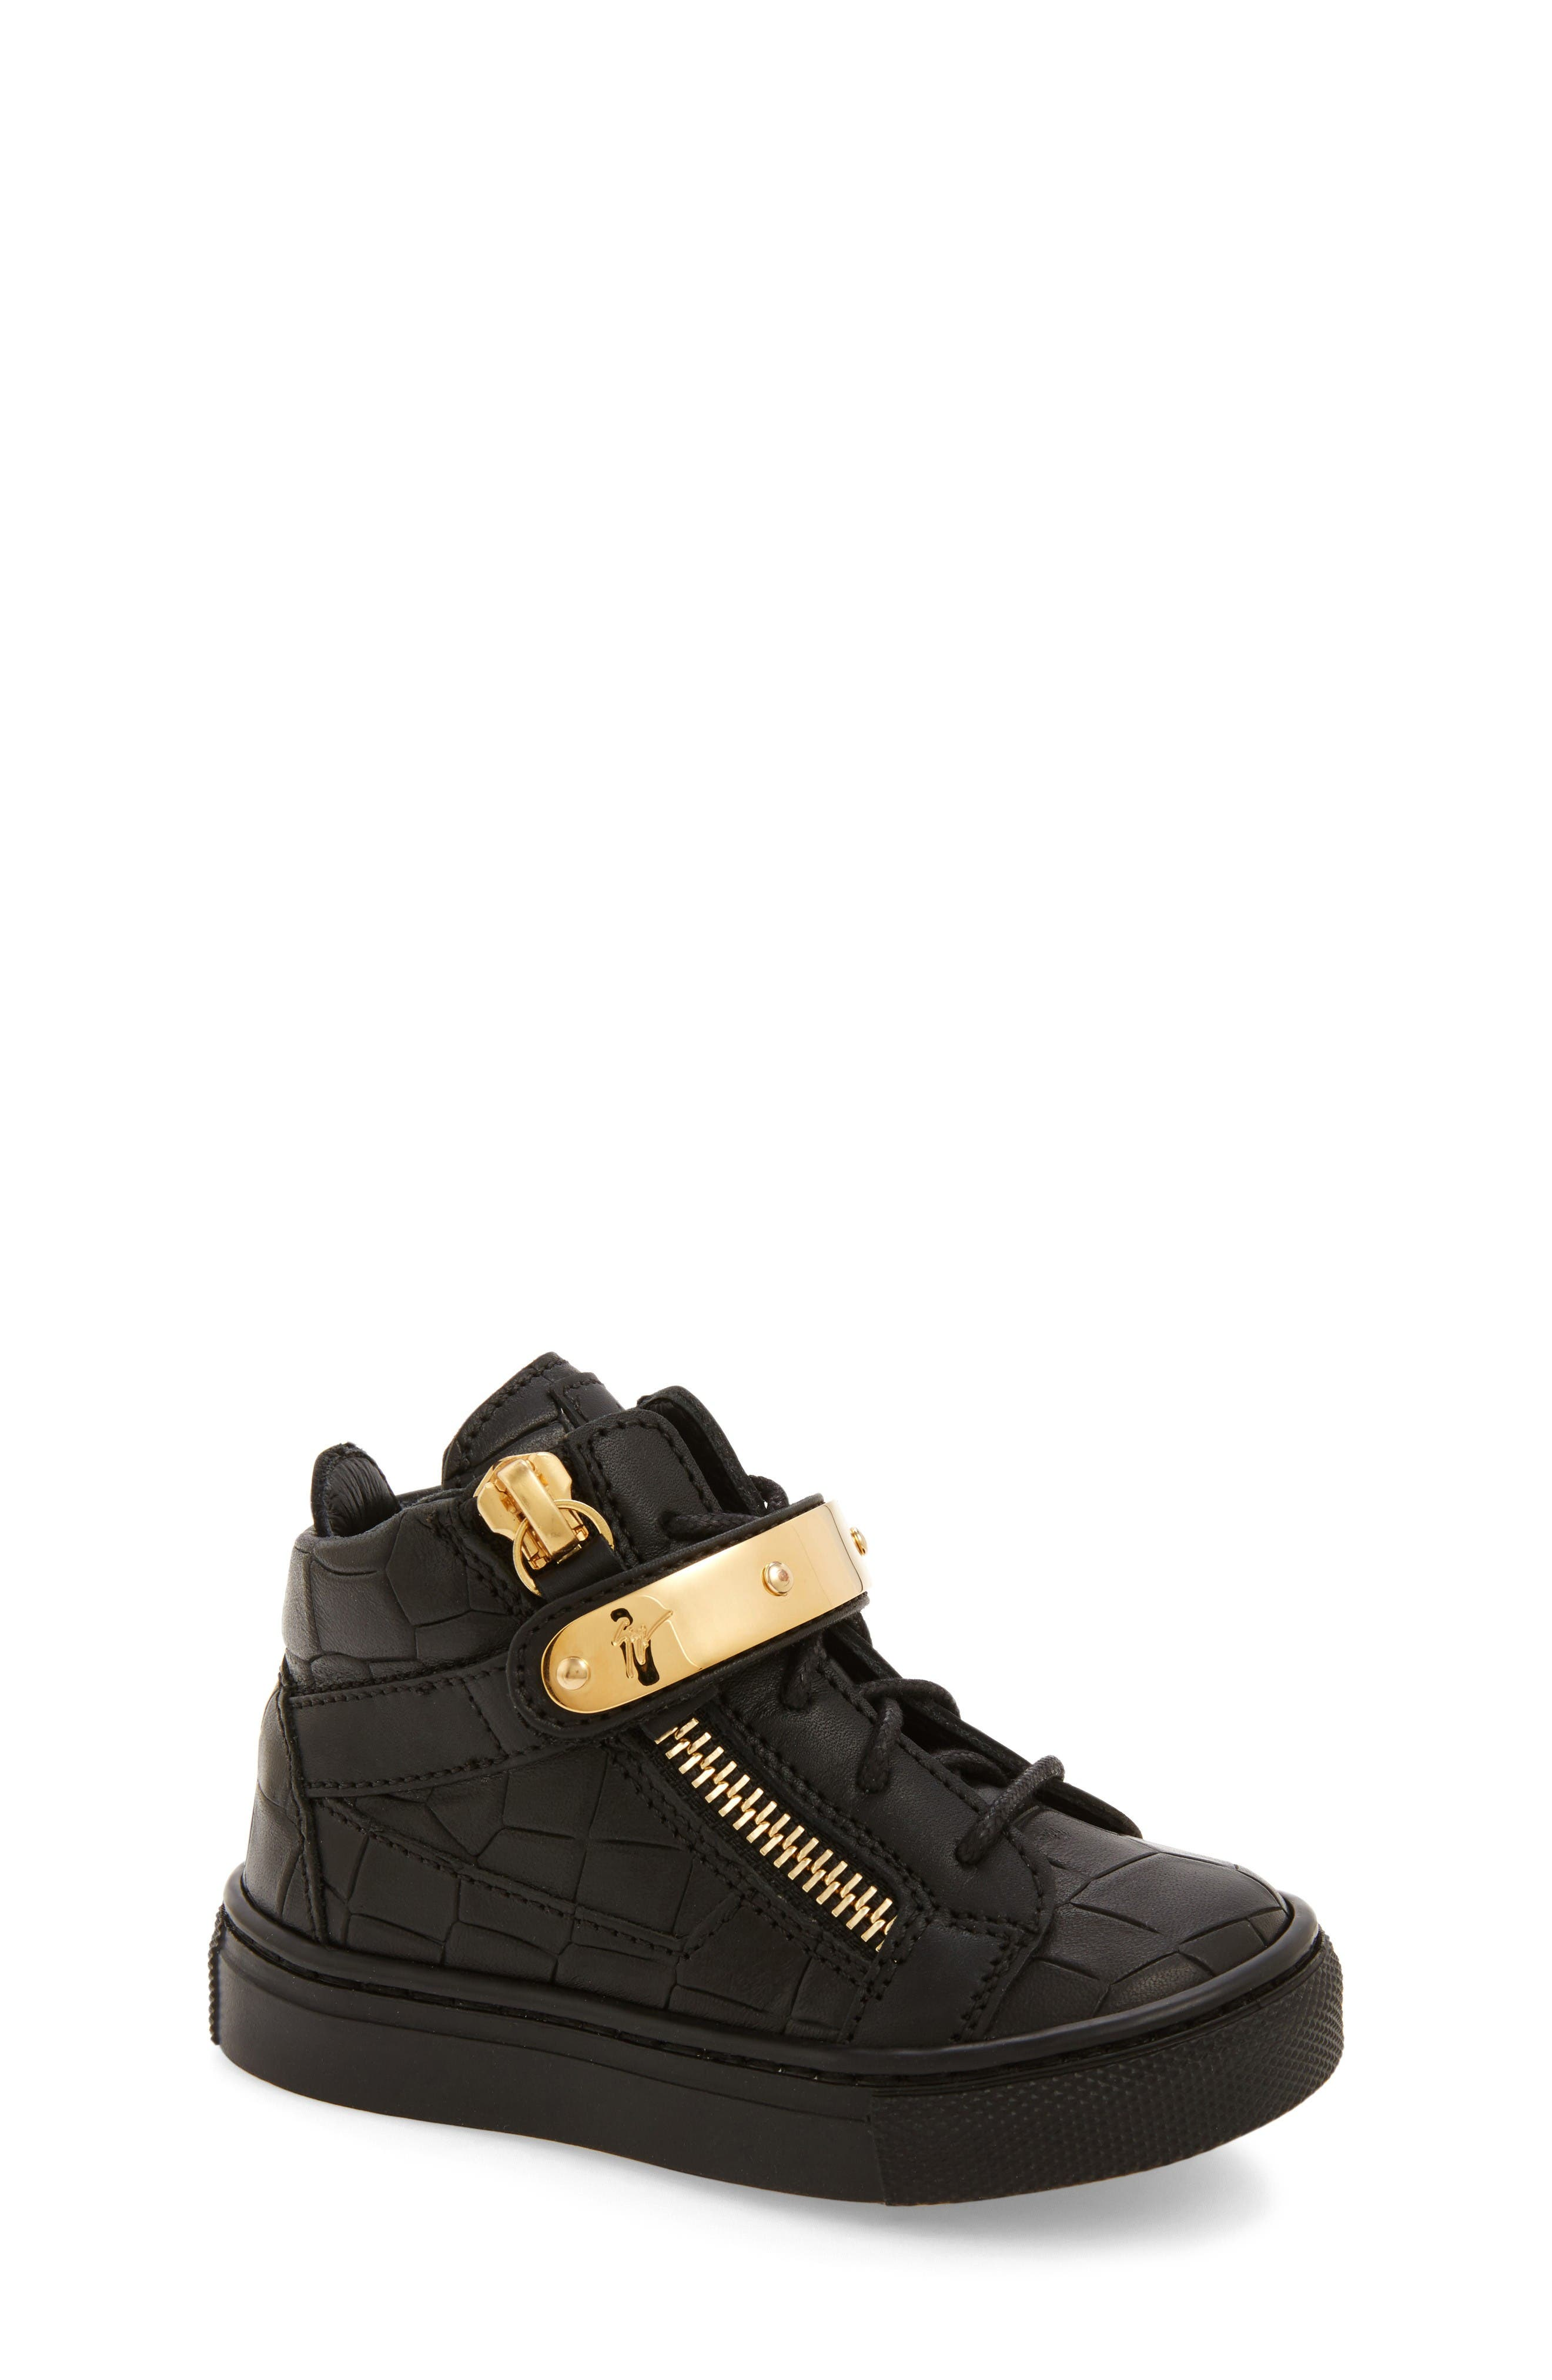 Giuseppe Zanotti High Top Sneaker (Baby, Walker, Toddler & Little Kid)